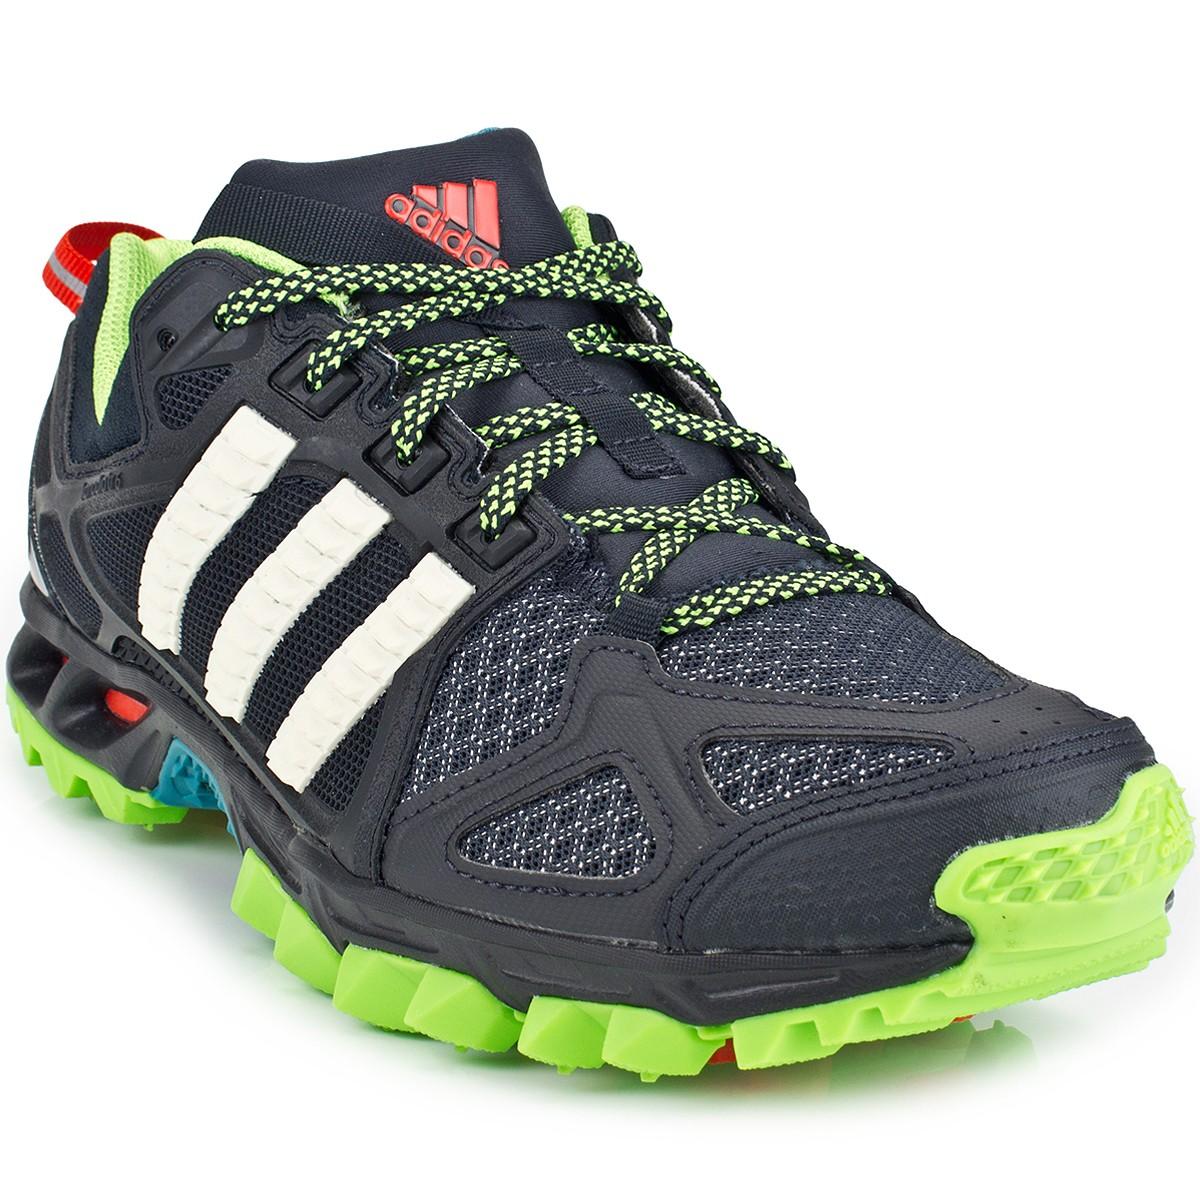 Tênis Adidas Kanadia 6 TR Aventura MaxTennis Preto. Tênis Adidas Kanadia 6. Chuteira  Mizuno Basara 003 AS 4131605 Futebol Society 93ef2ee158653